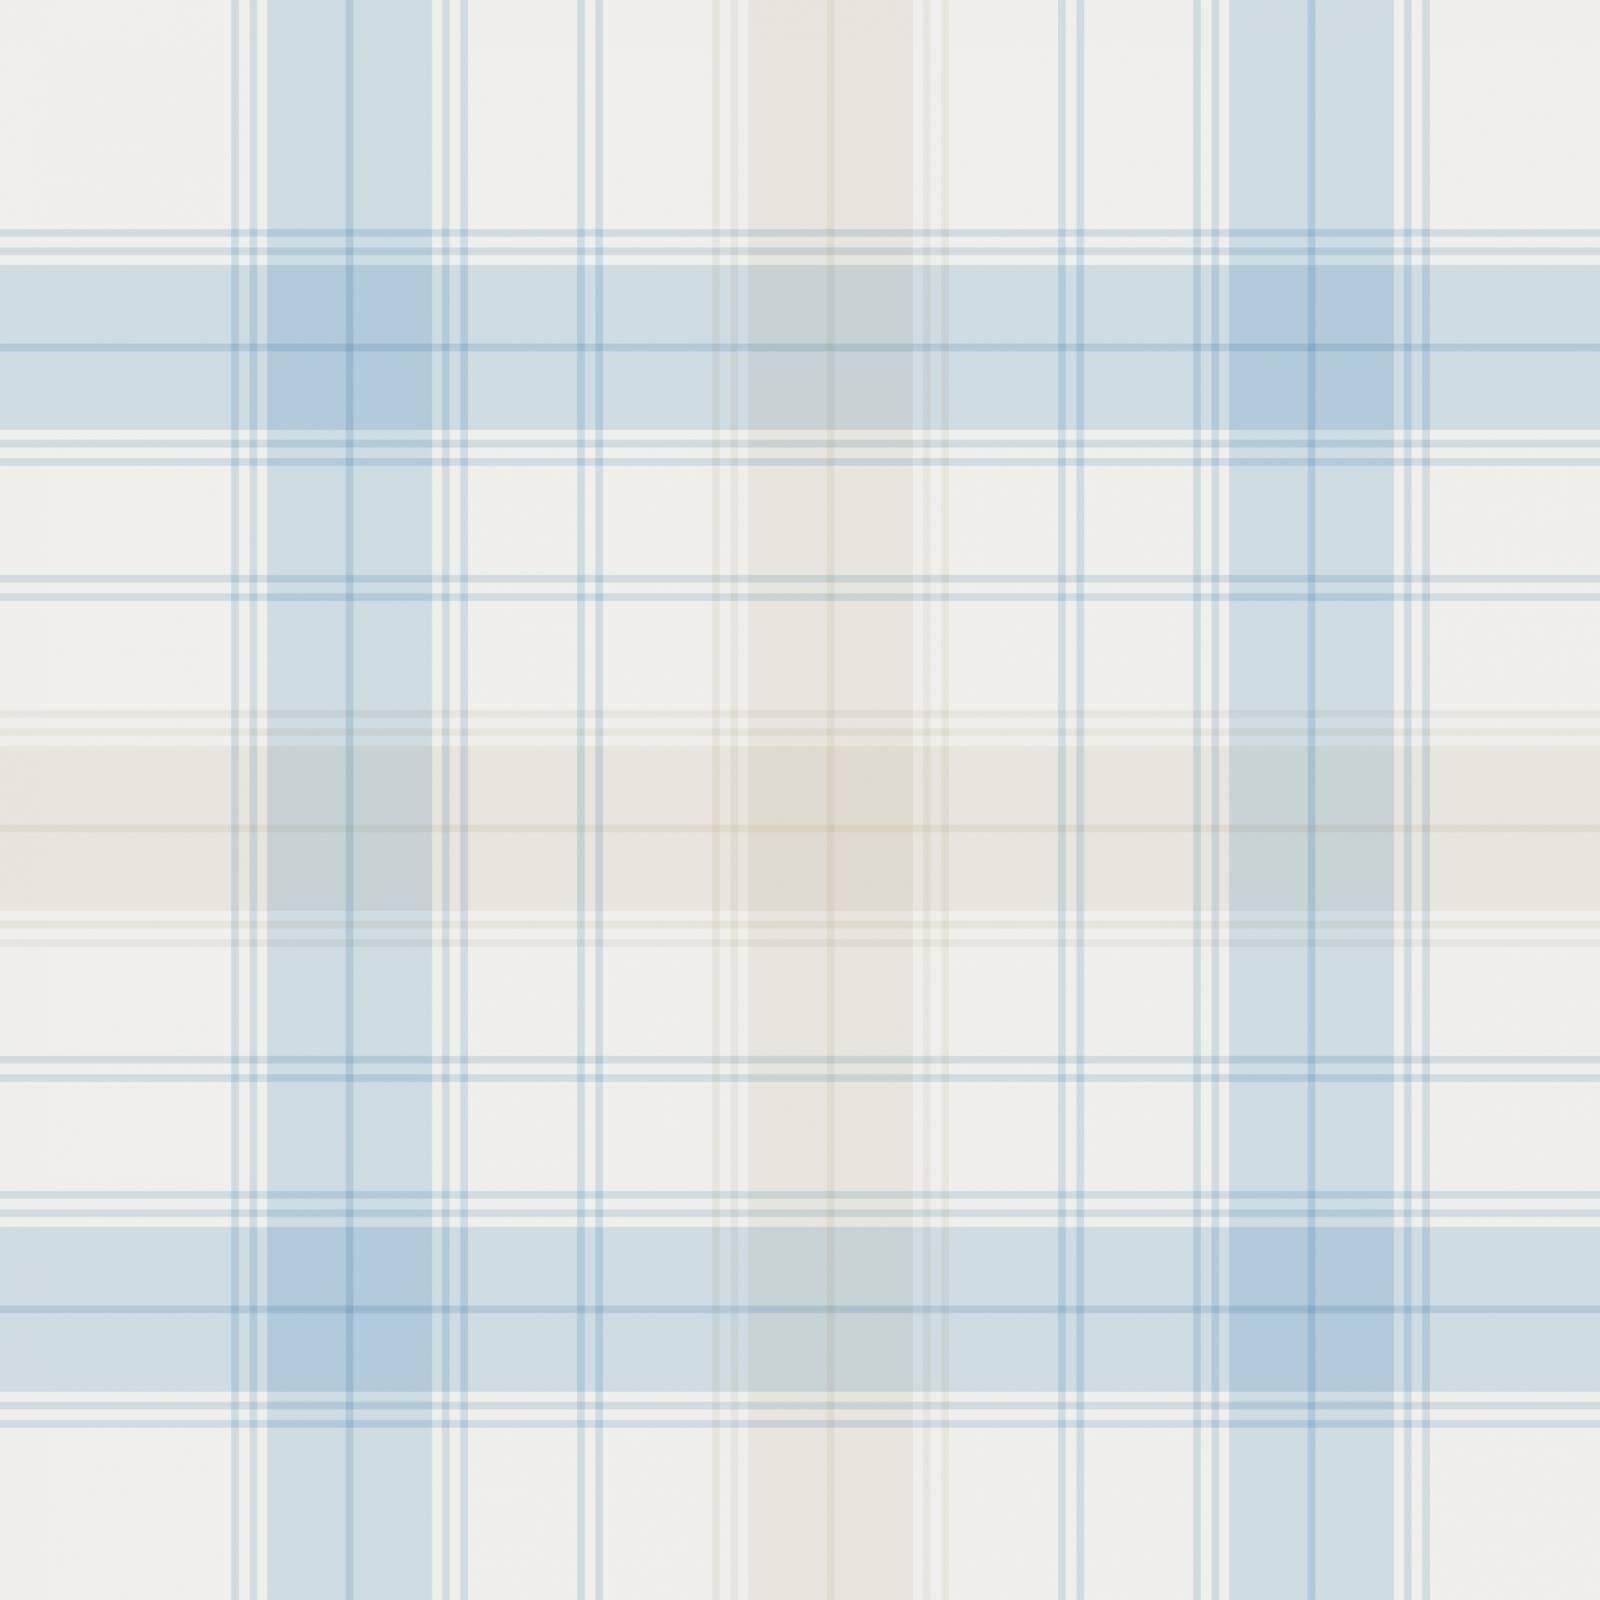 Papel de Parede Xadrez Azul e Bege Claro | Adesivo Vinilico imagem 2